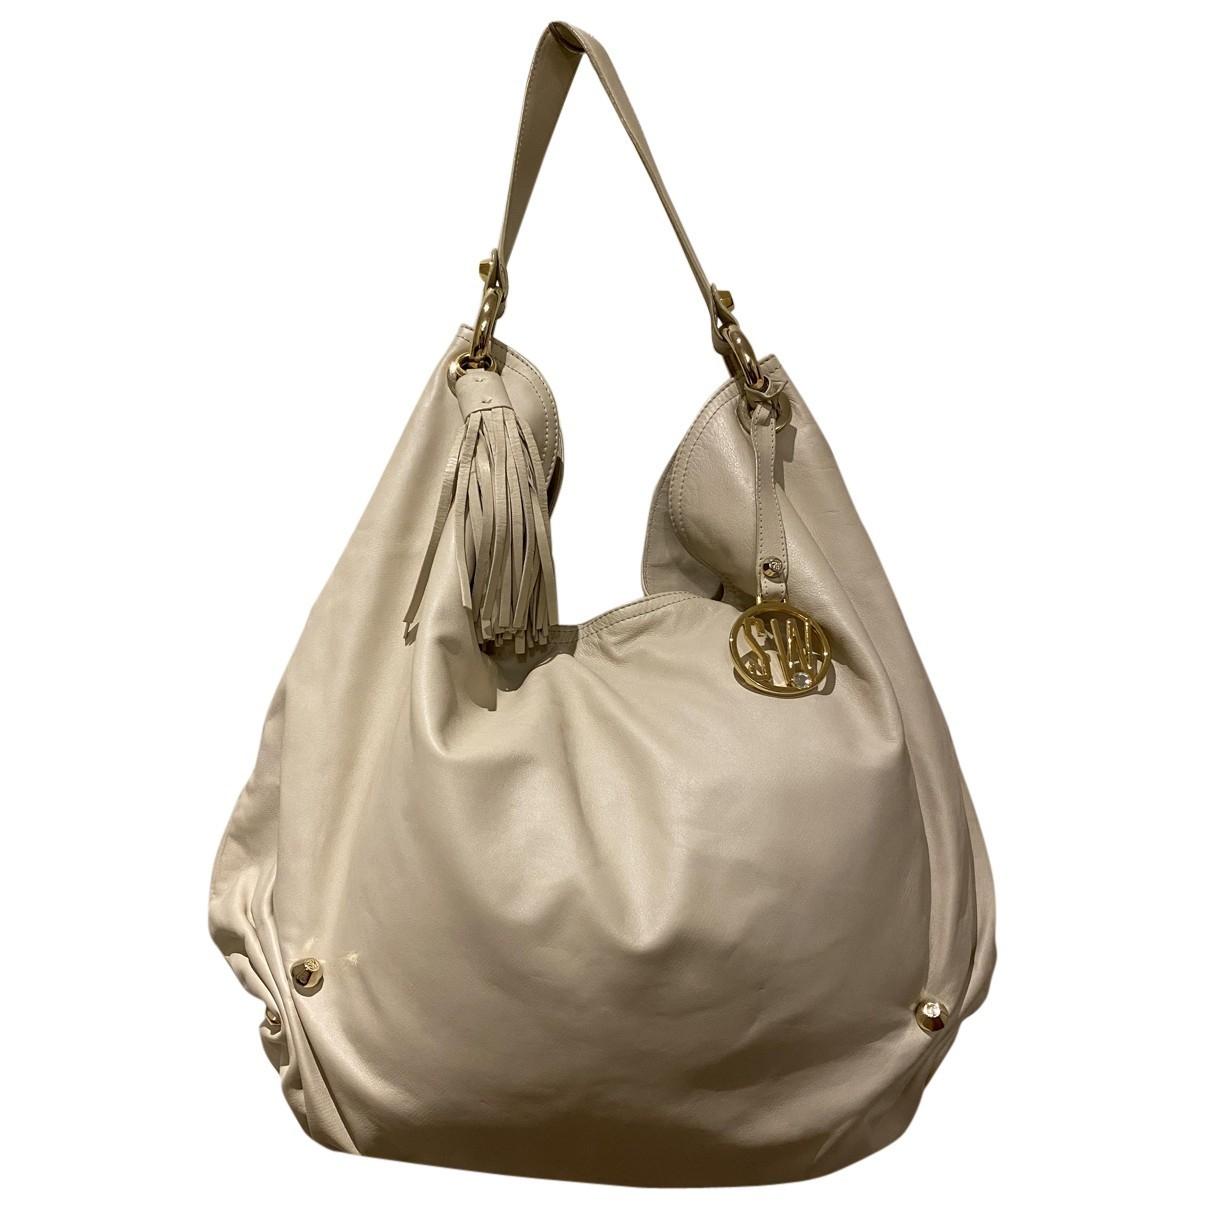 Stuart Weitzman N White Leather handbag for Women N